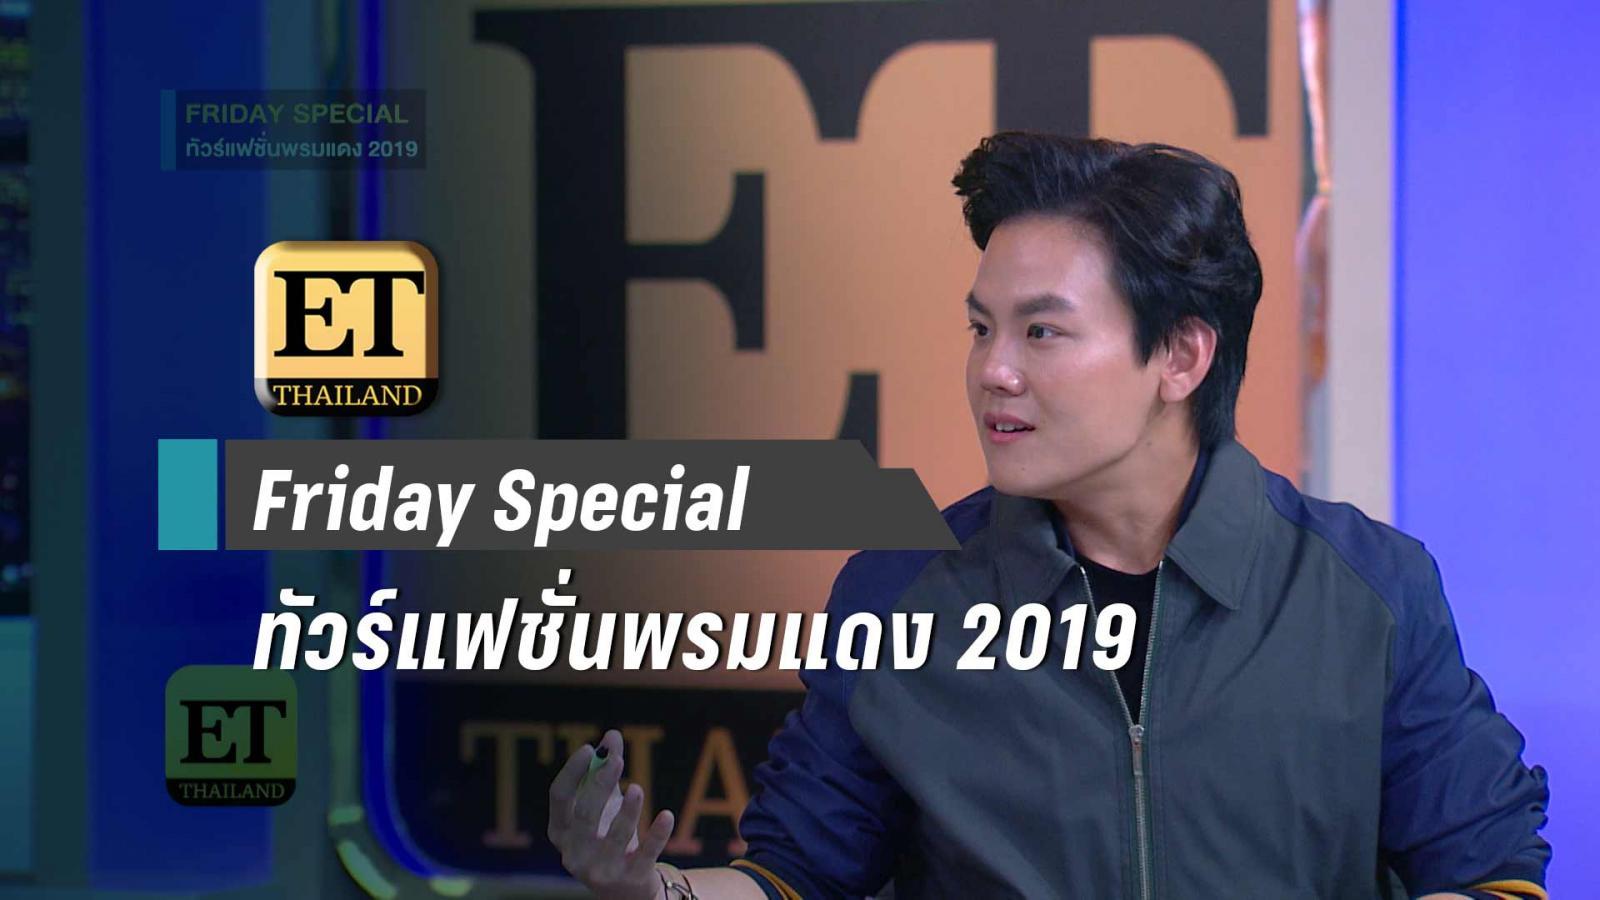 Friday Special ทัวร์แฟชั่นพรมแดง 2019